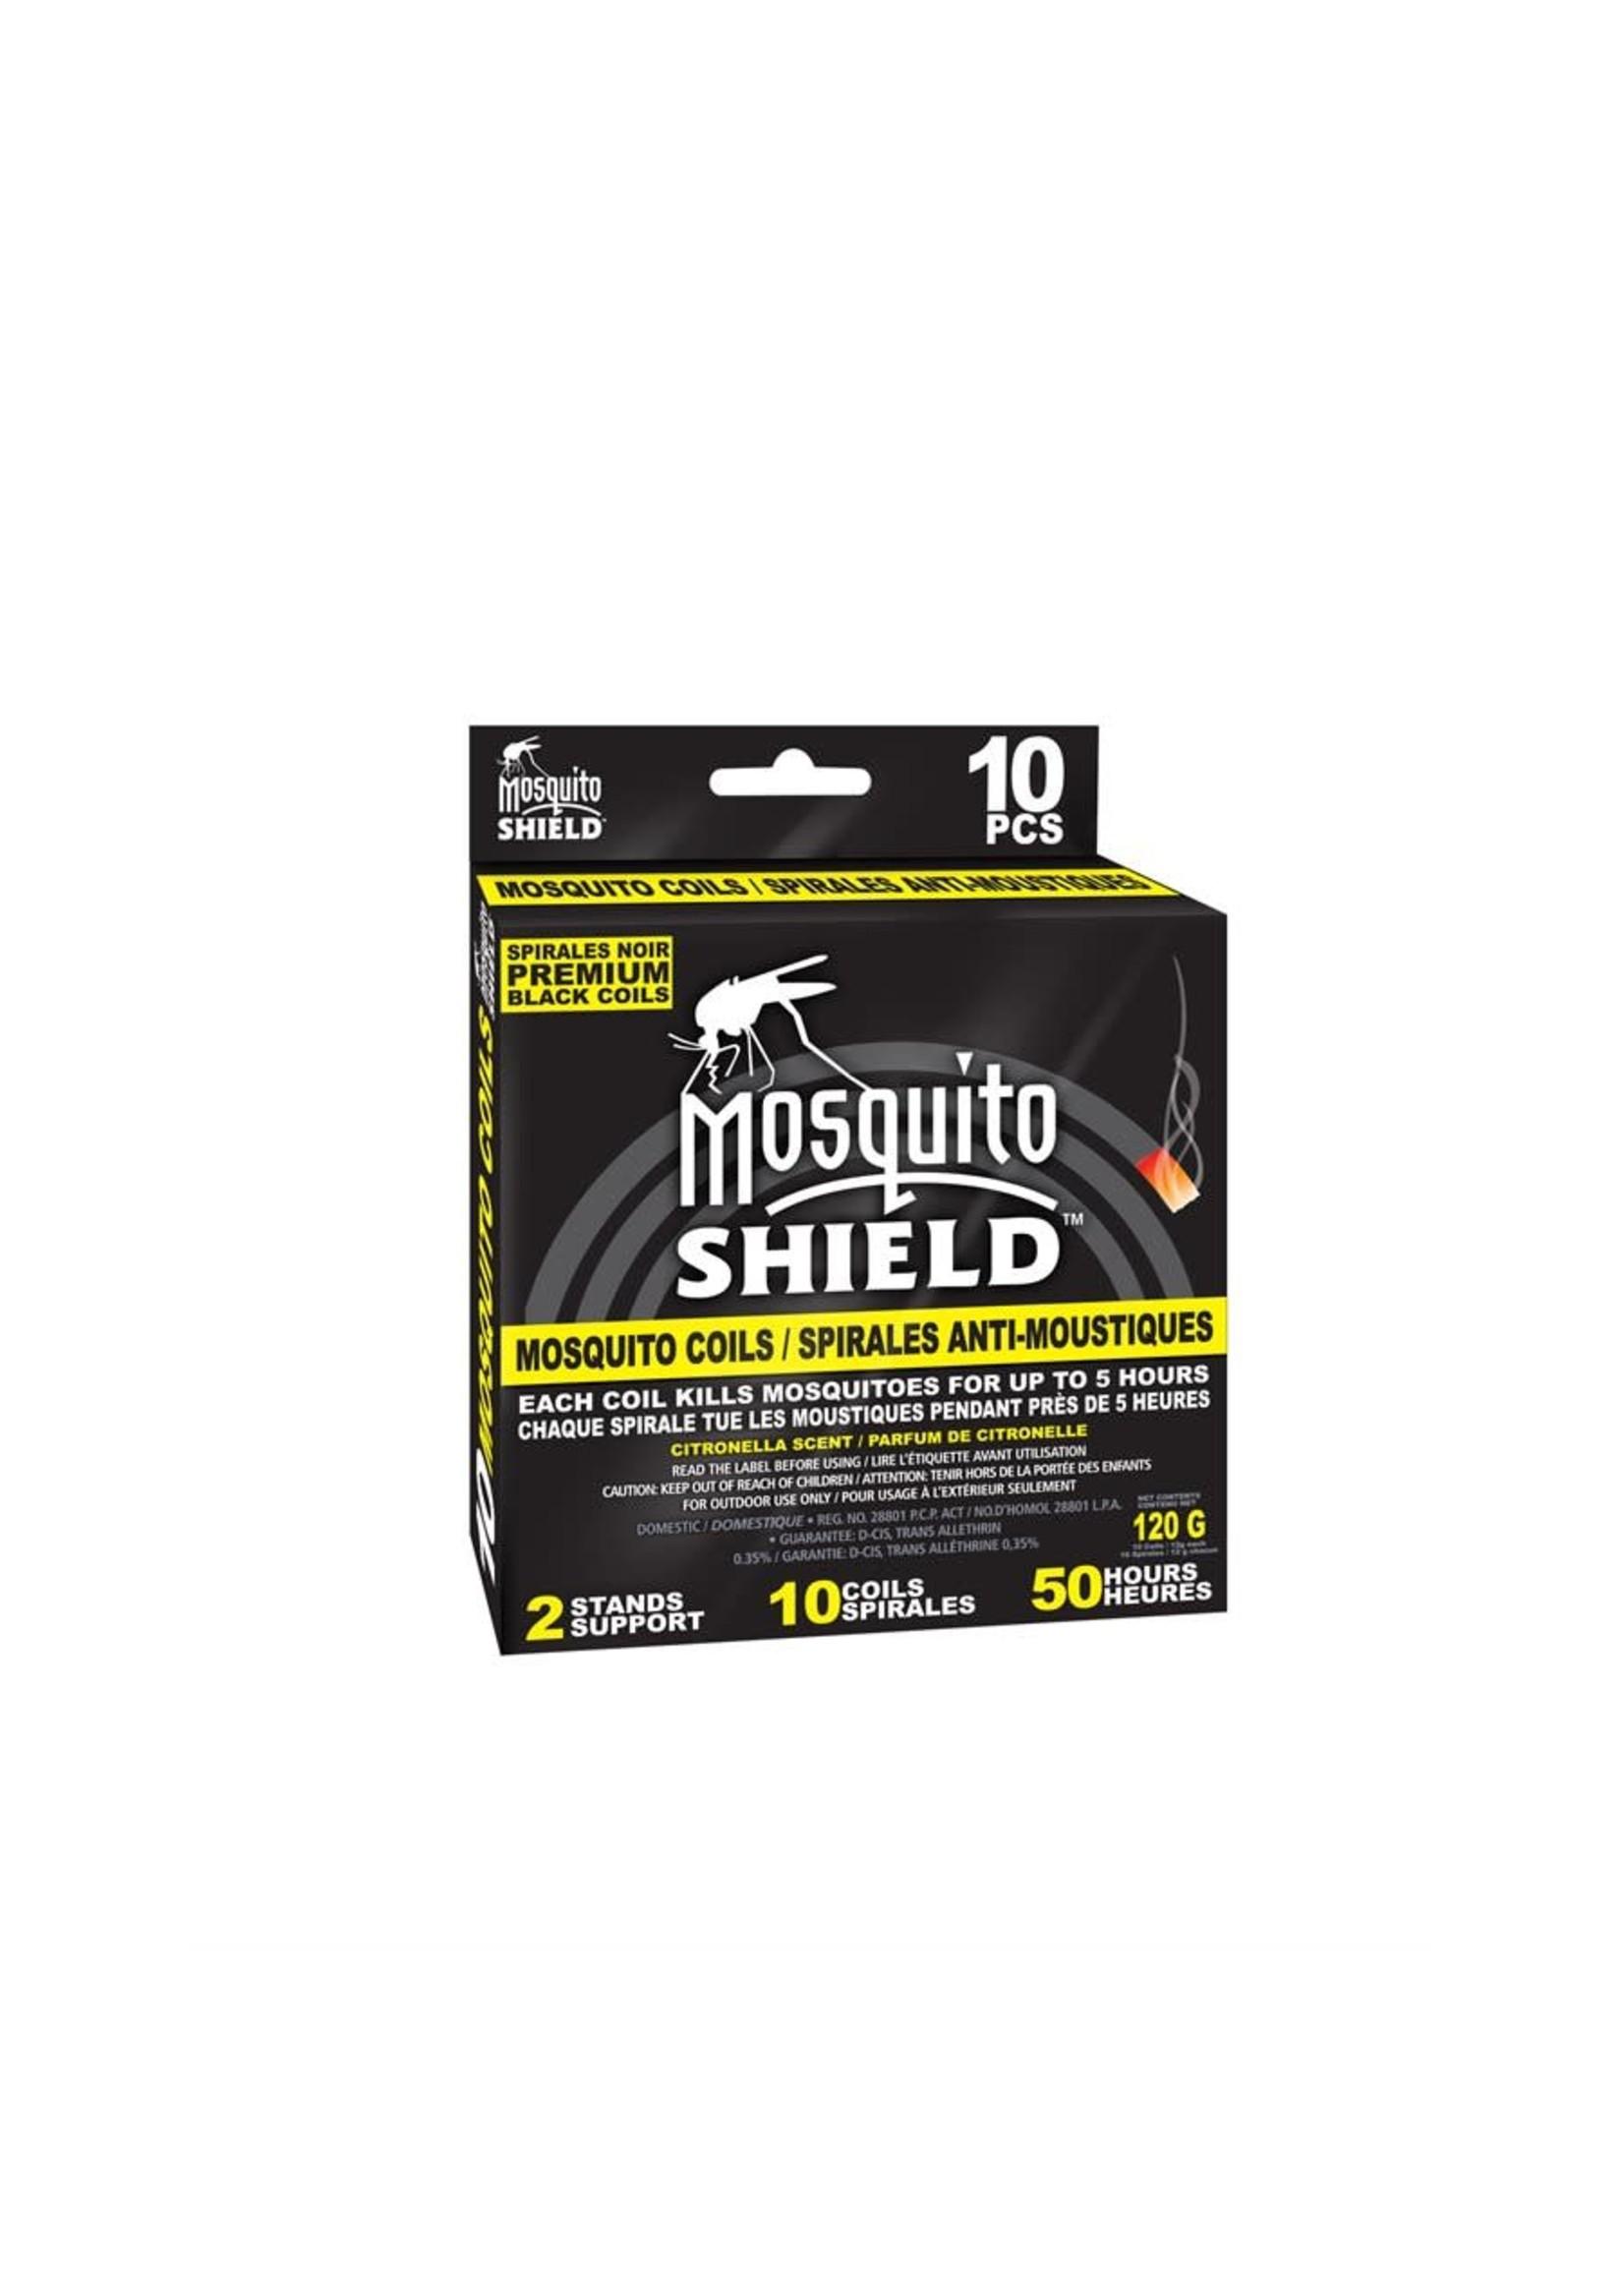 Mosquito Shield Spirale anti-moustiques Mosquito Shield boite (10 X 12g)